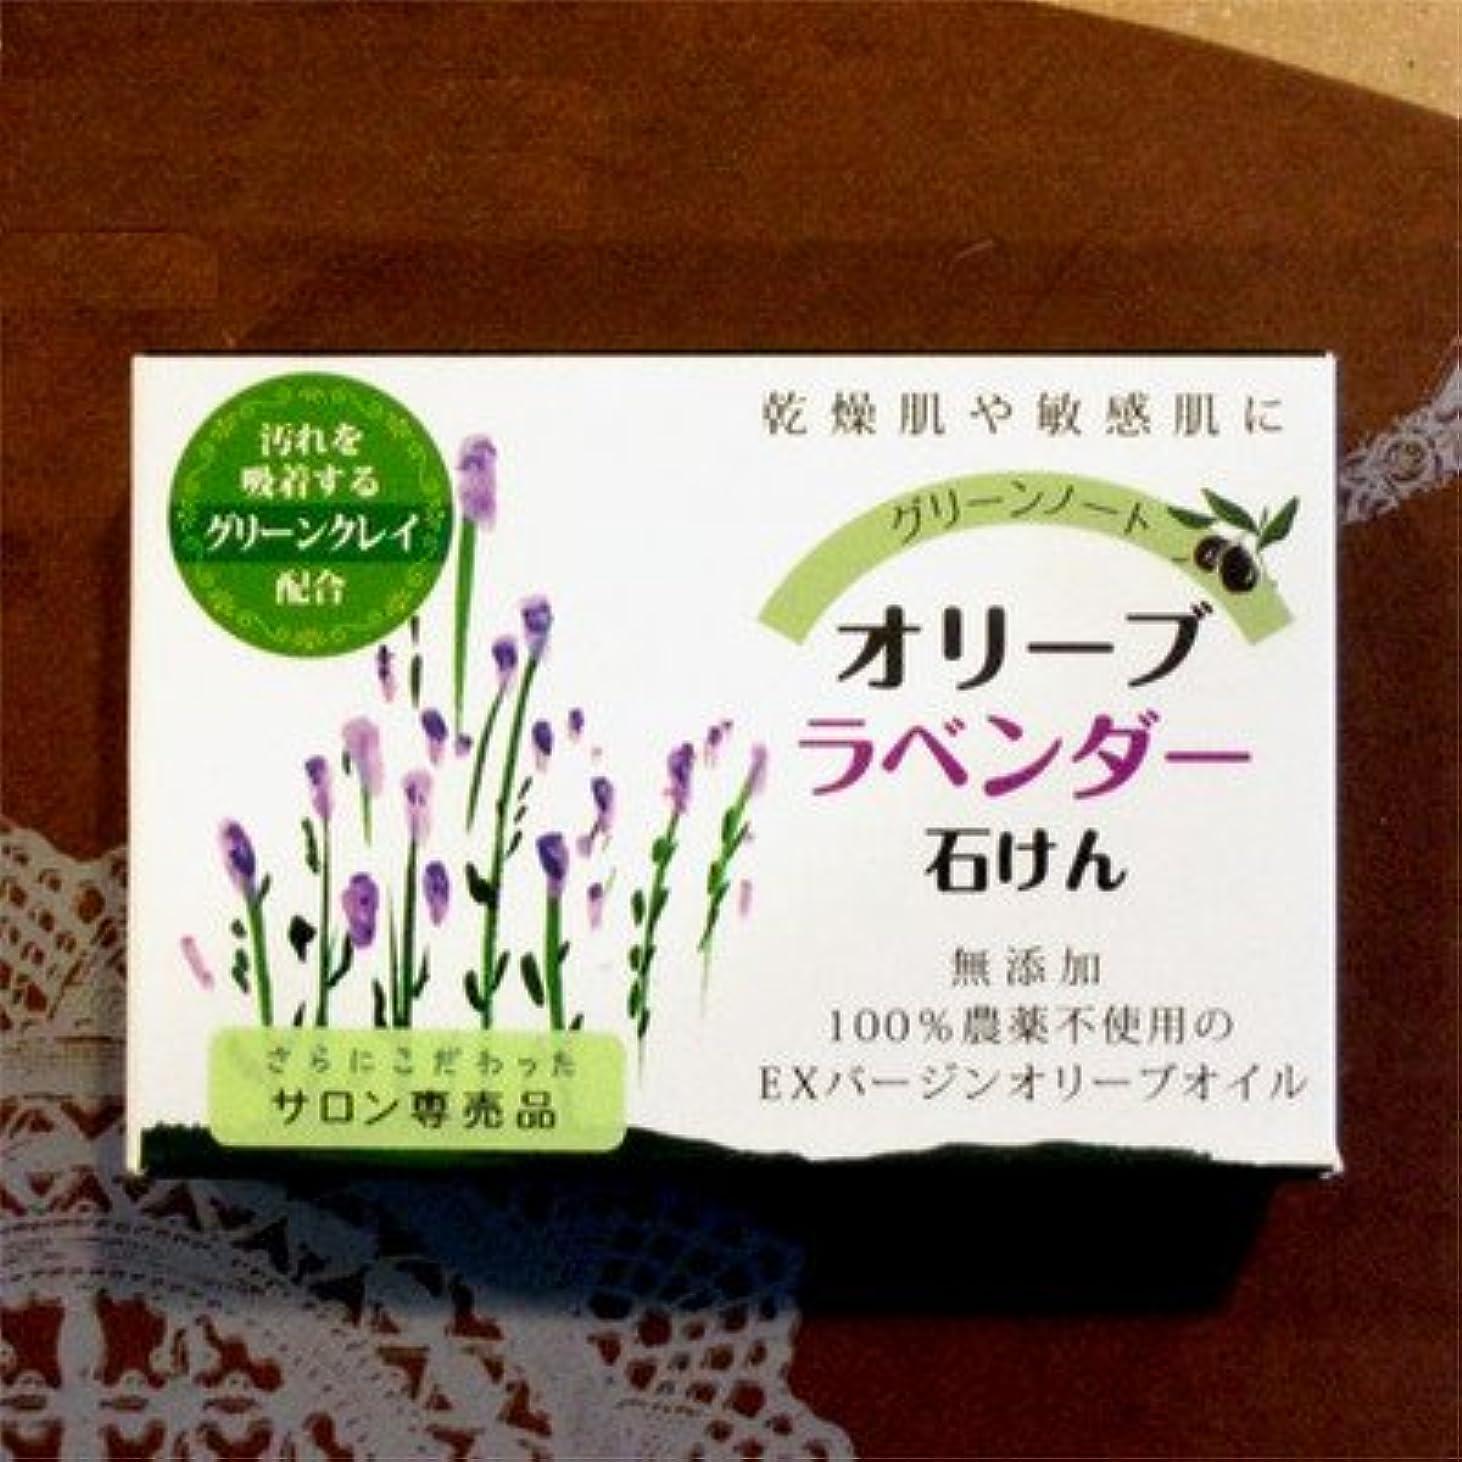 取り消すシンプルさ示すグリーンノート オーガニック ハーブ ソープ 無農薬 無添加 オリーブ ラベンダー せ鹸 100g